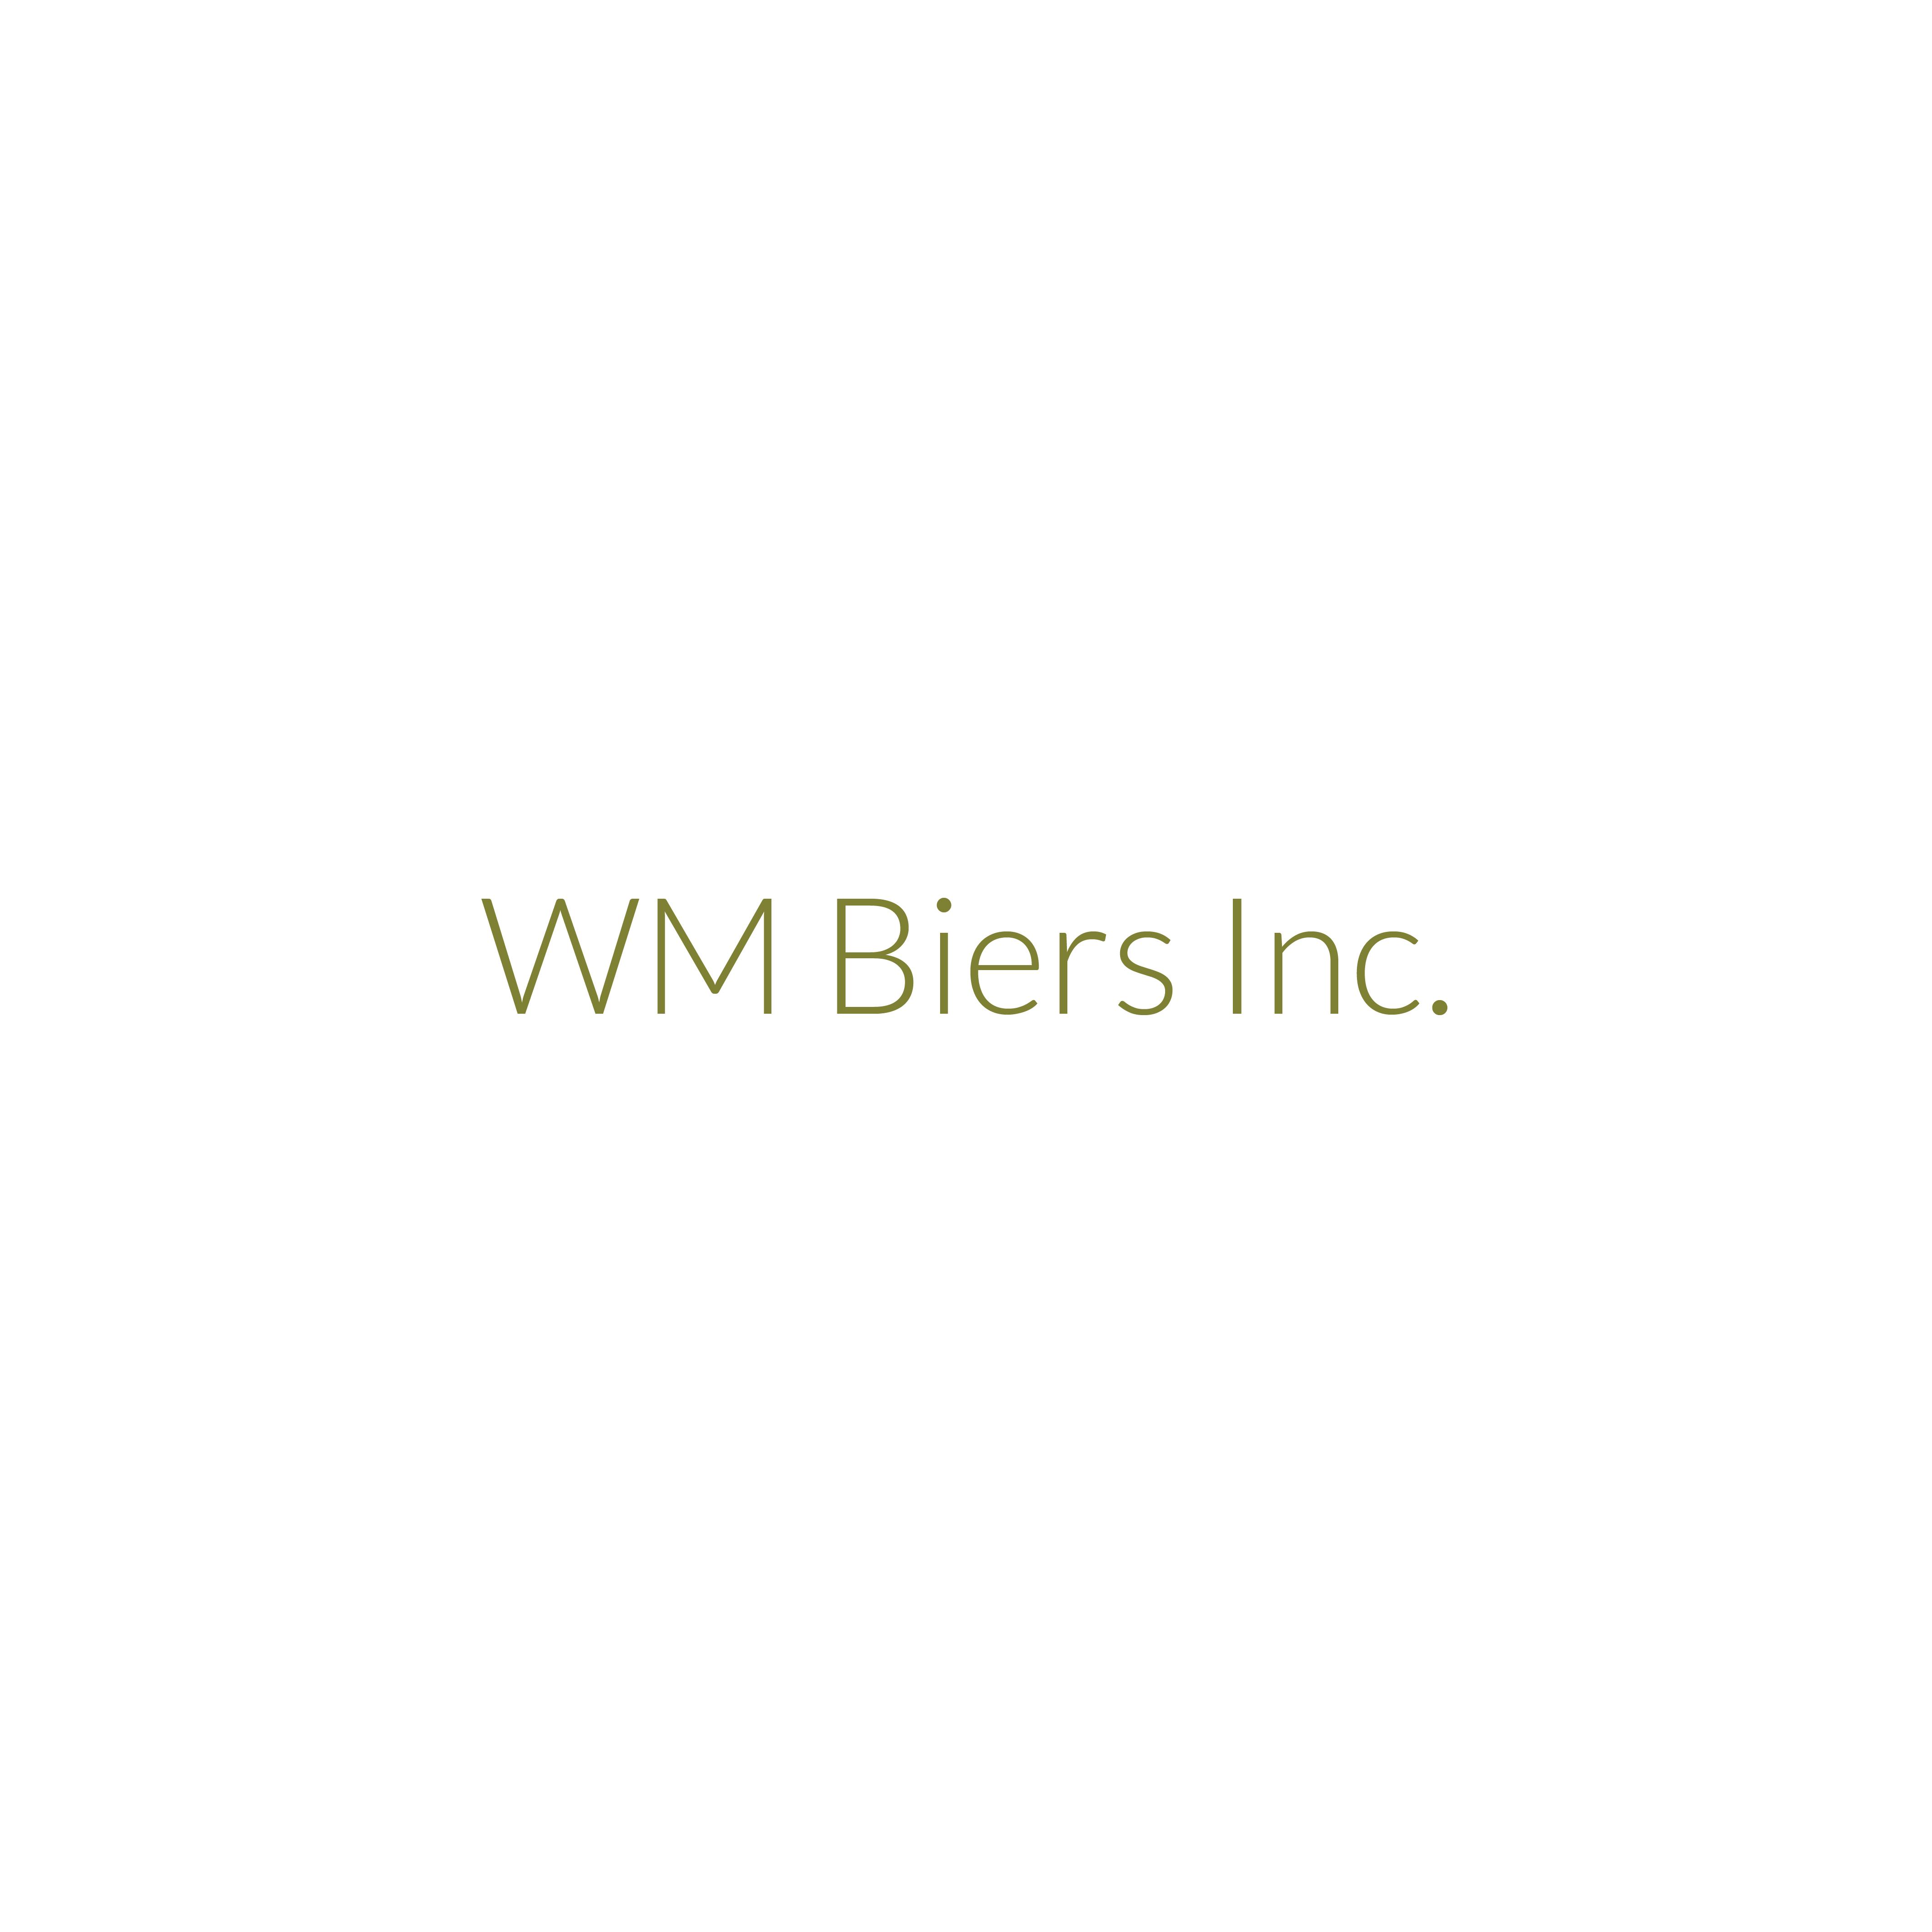 WM Biers Inc.